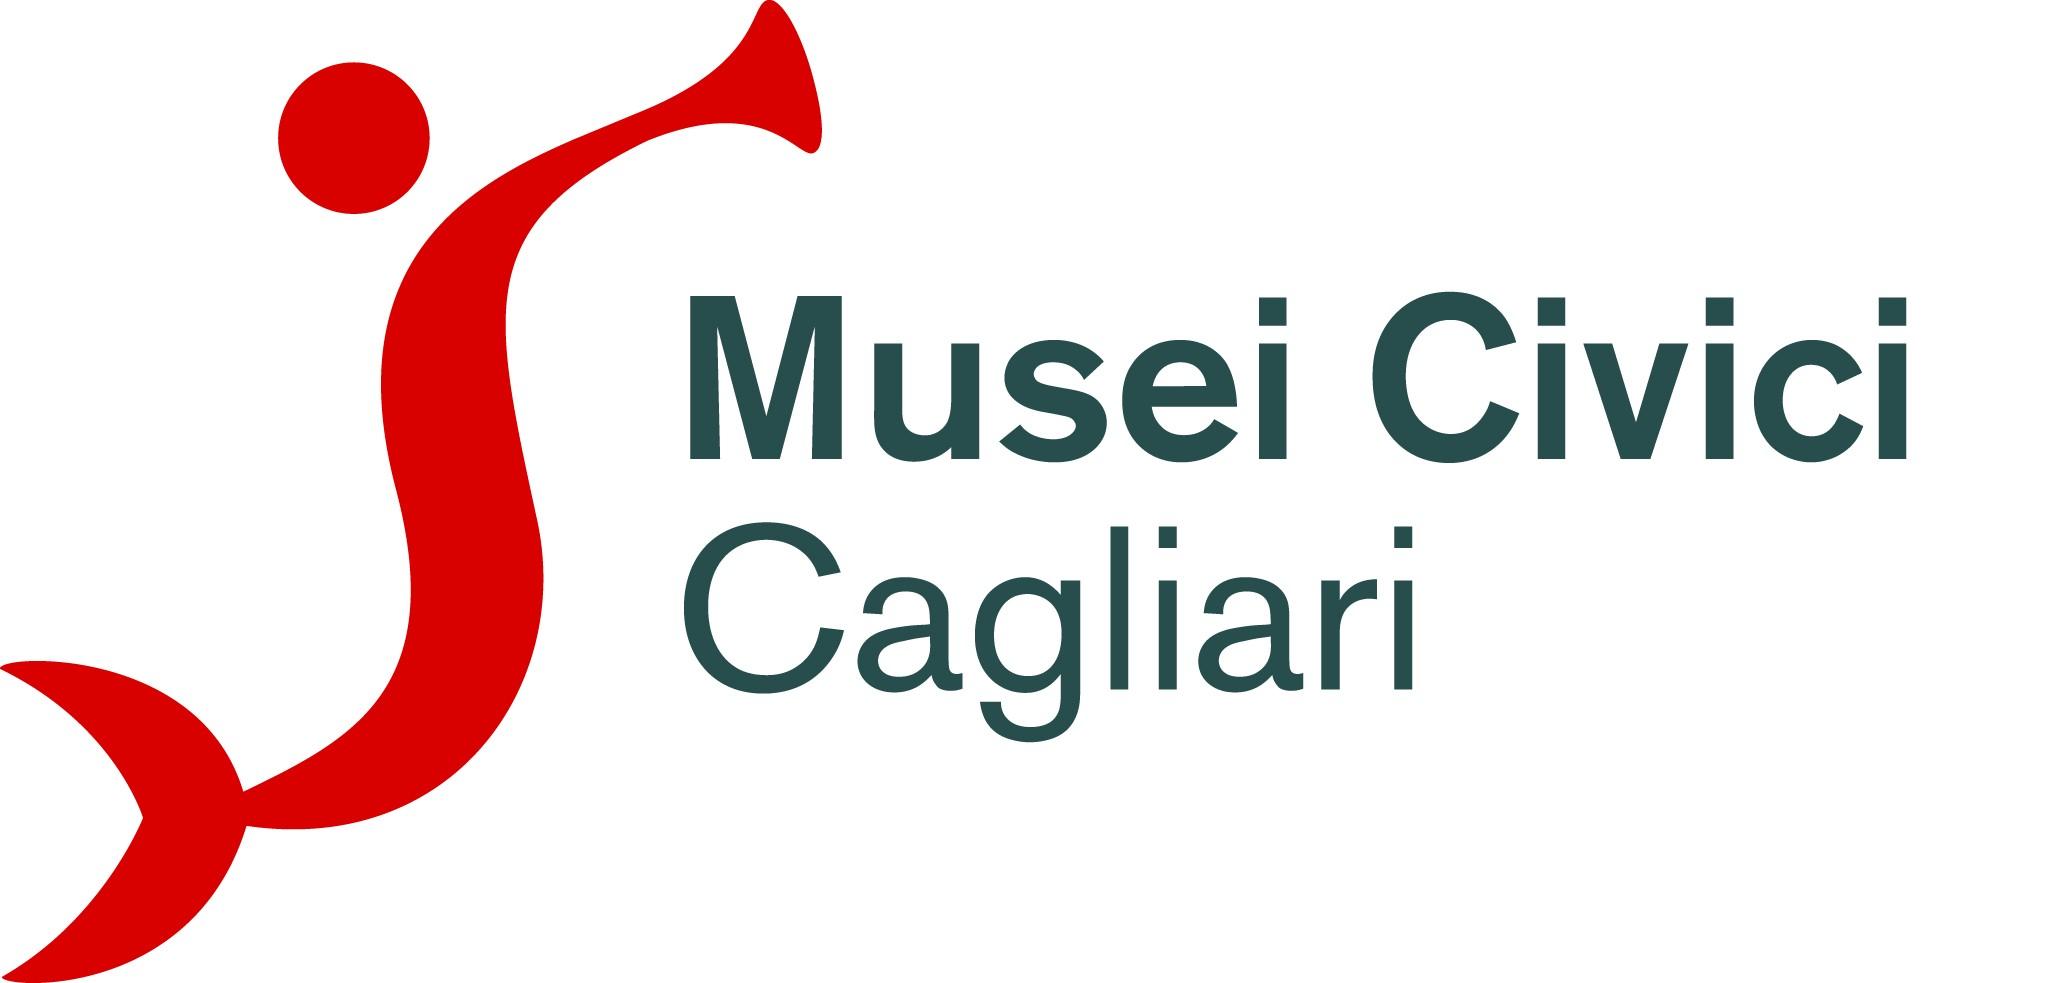 Musei Civici Cagliari Comunicato 6 febbraio 2014